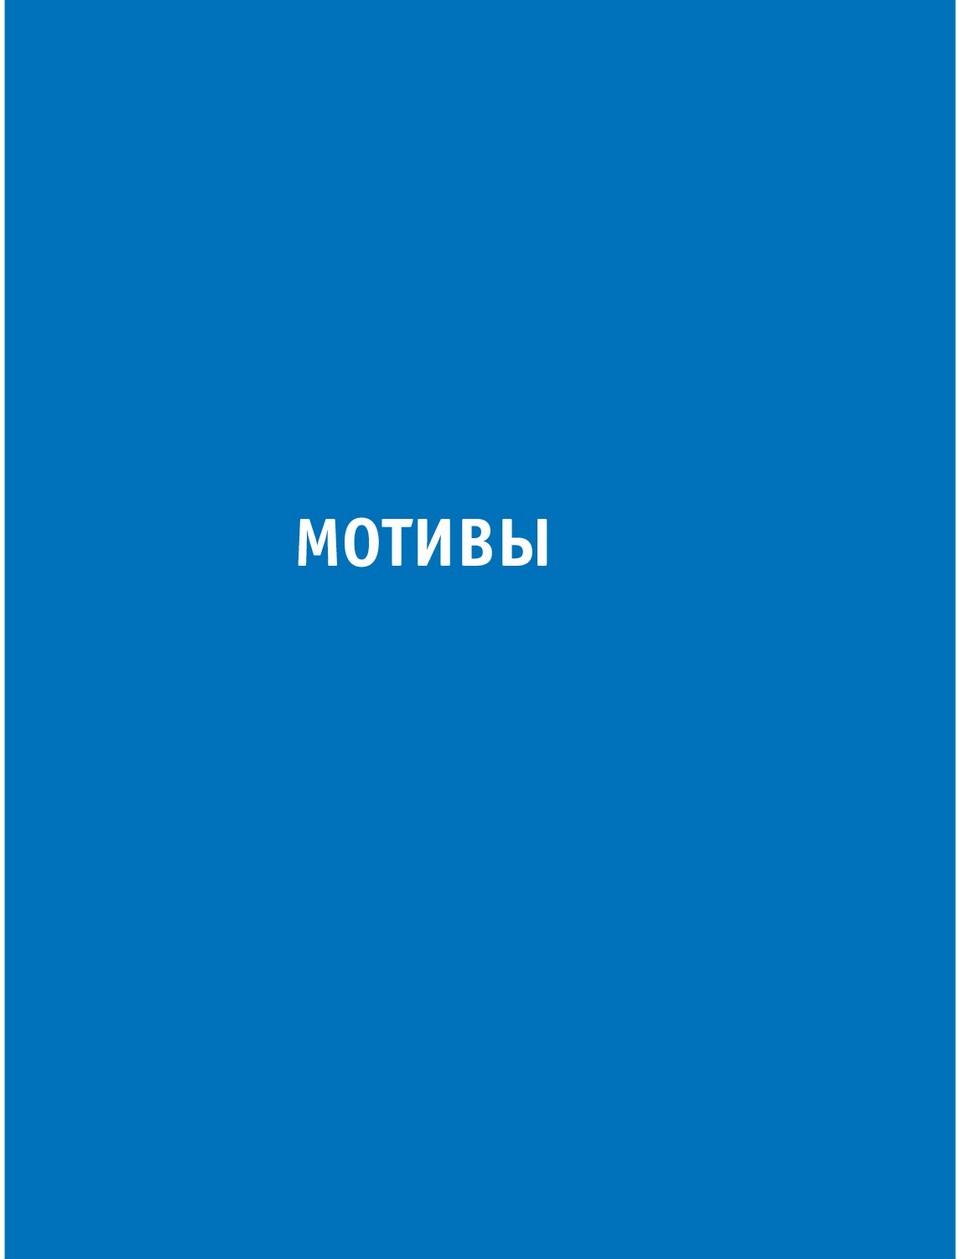 bibliya-vyazaniya-kruchkom-i-spicam-084